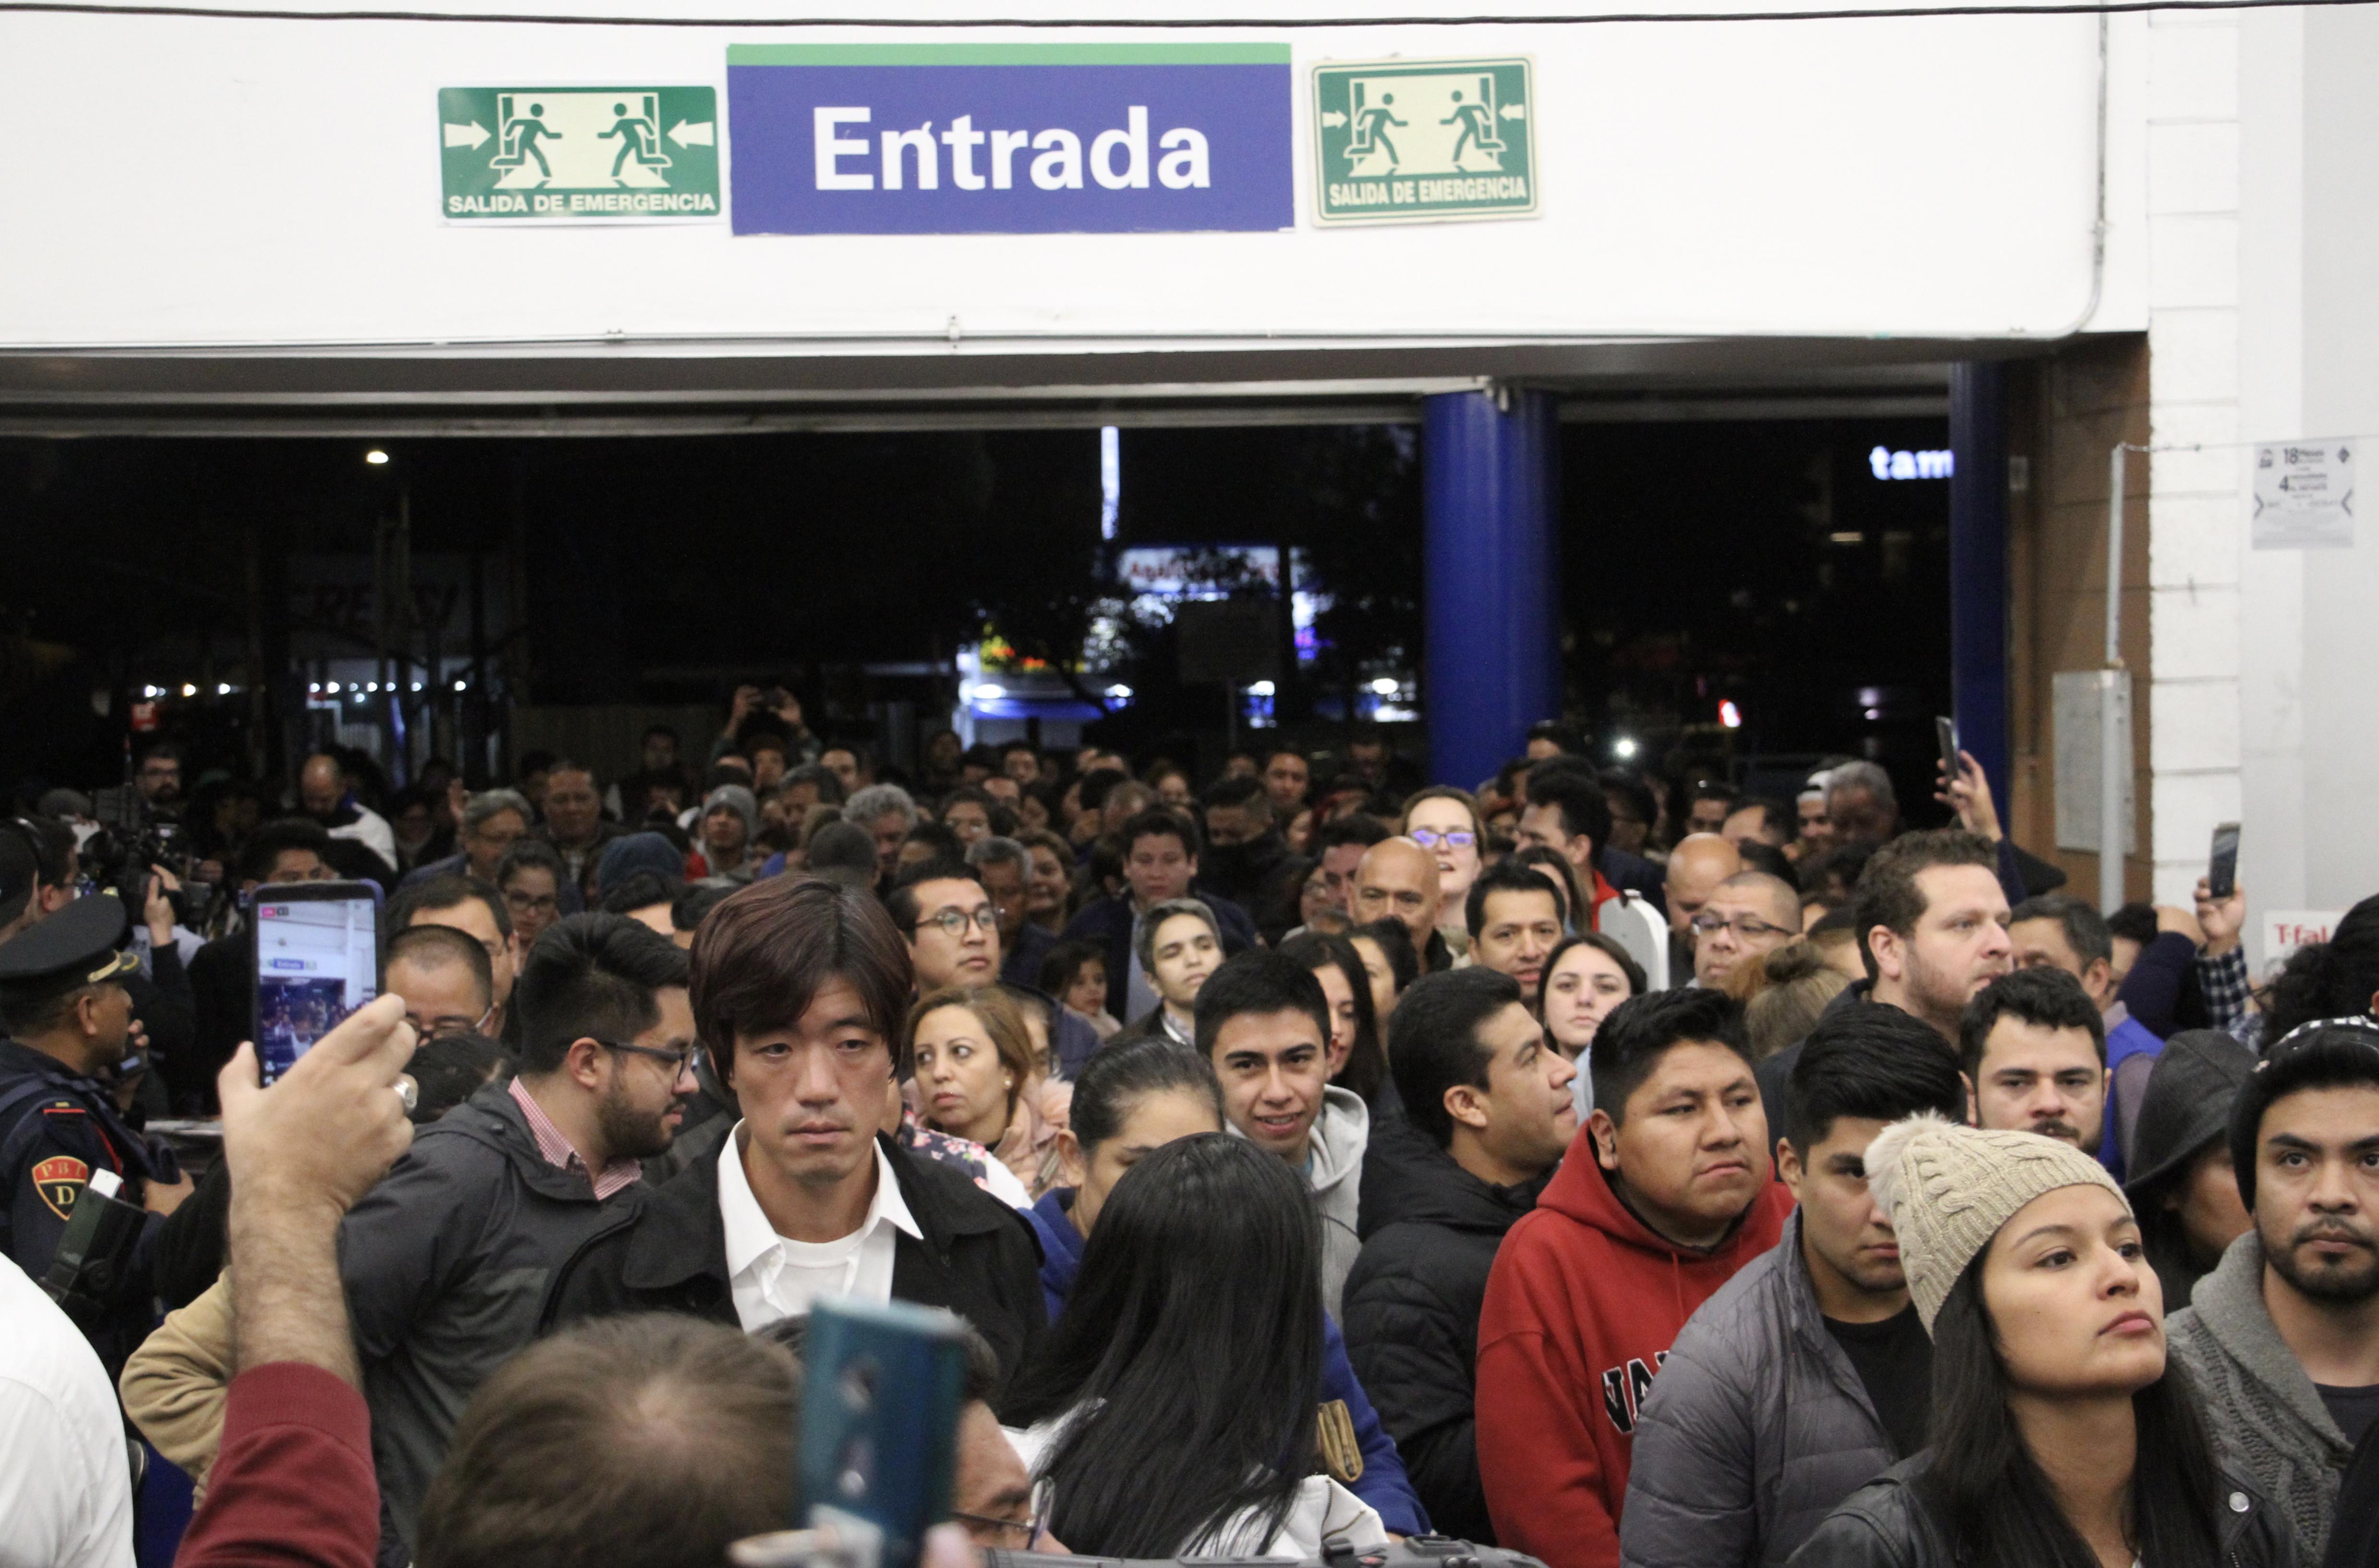 Las personas se arremolina en la entrada de las tiendas departamentales con tal de ser los primeros en entrar (Foto: Cuartoscuro)